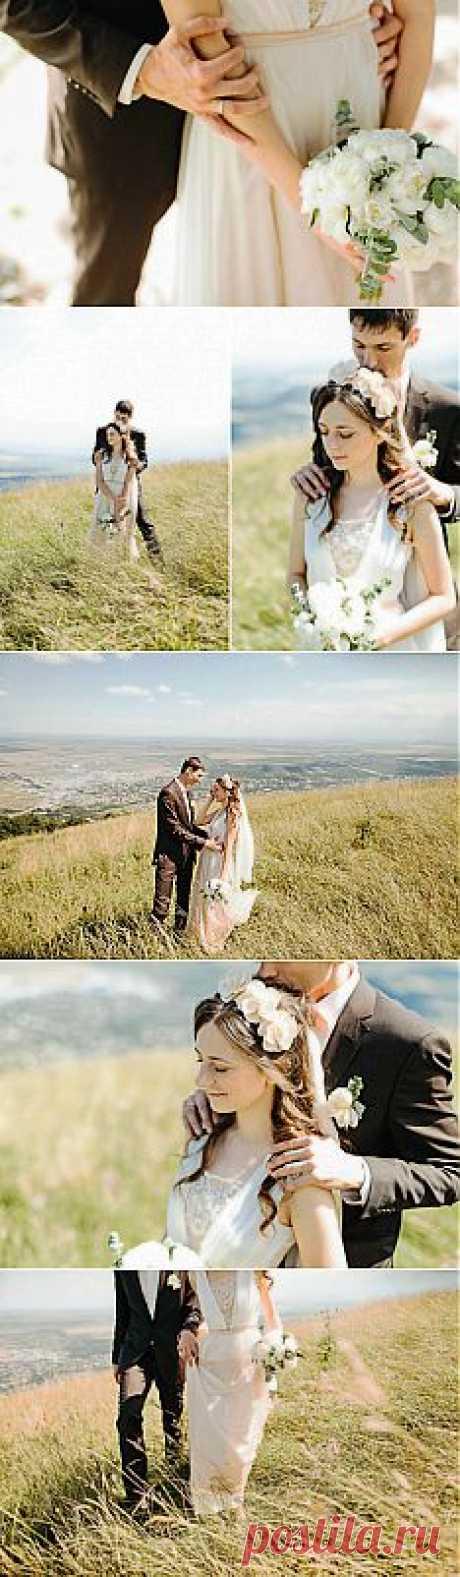 Уют. Дом. Любовь: свадьба Саши и Вали